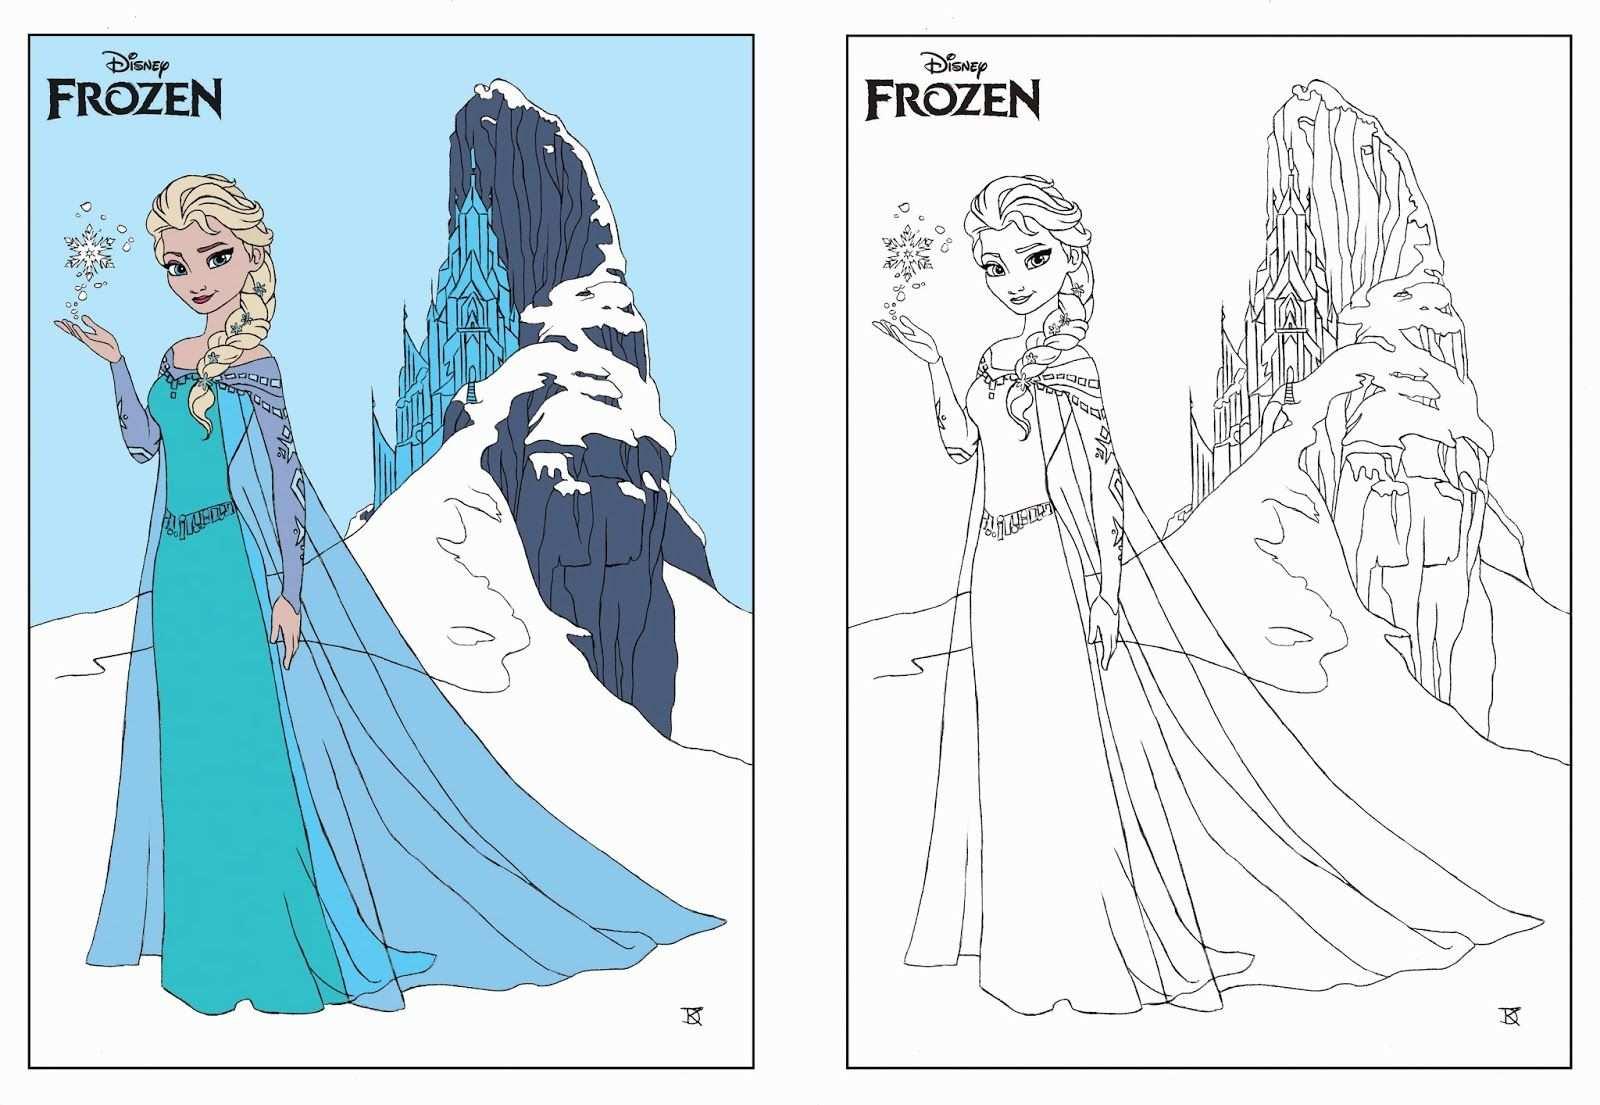 Frozn Coring Pigis Davey Kooy Disney Frozen Kleurplaat Frozen